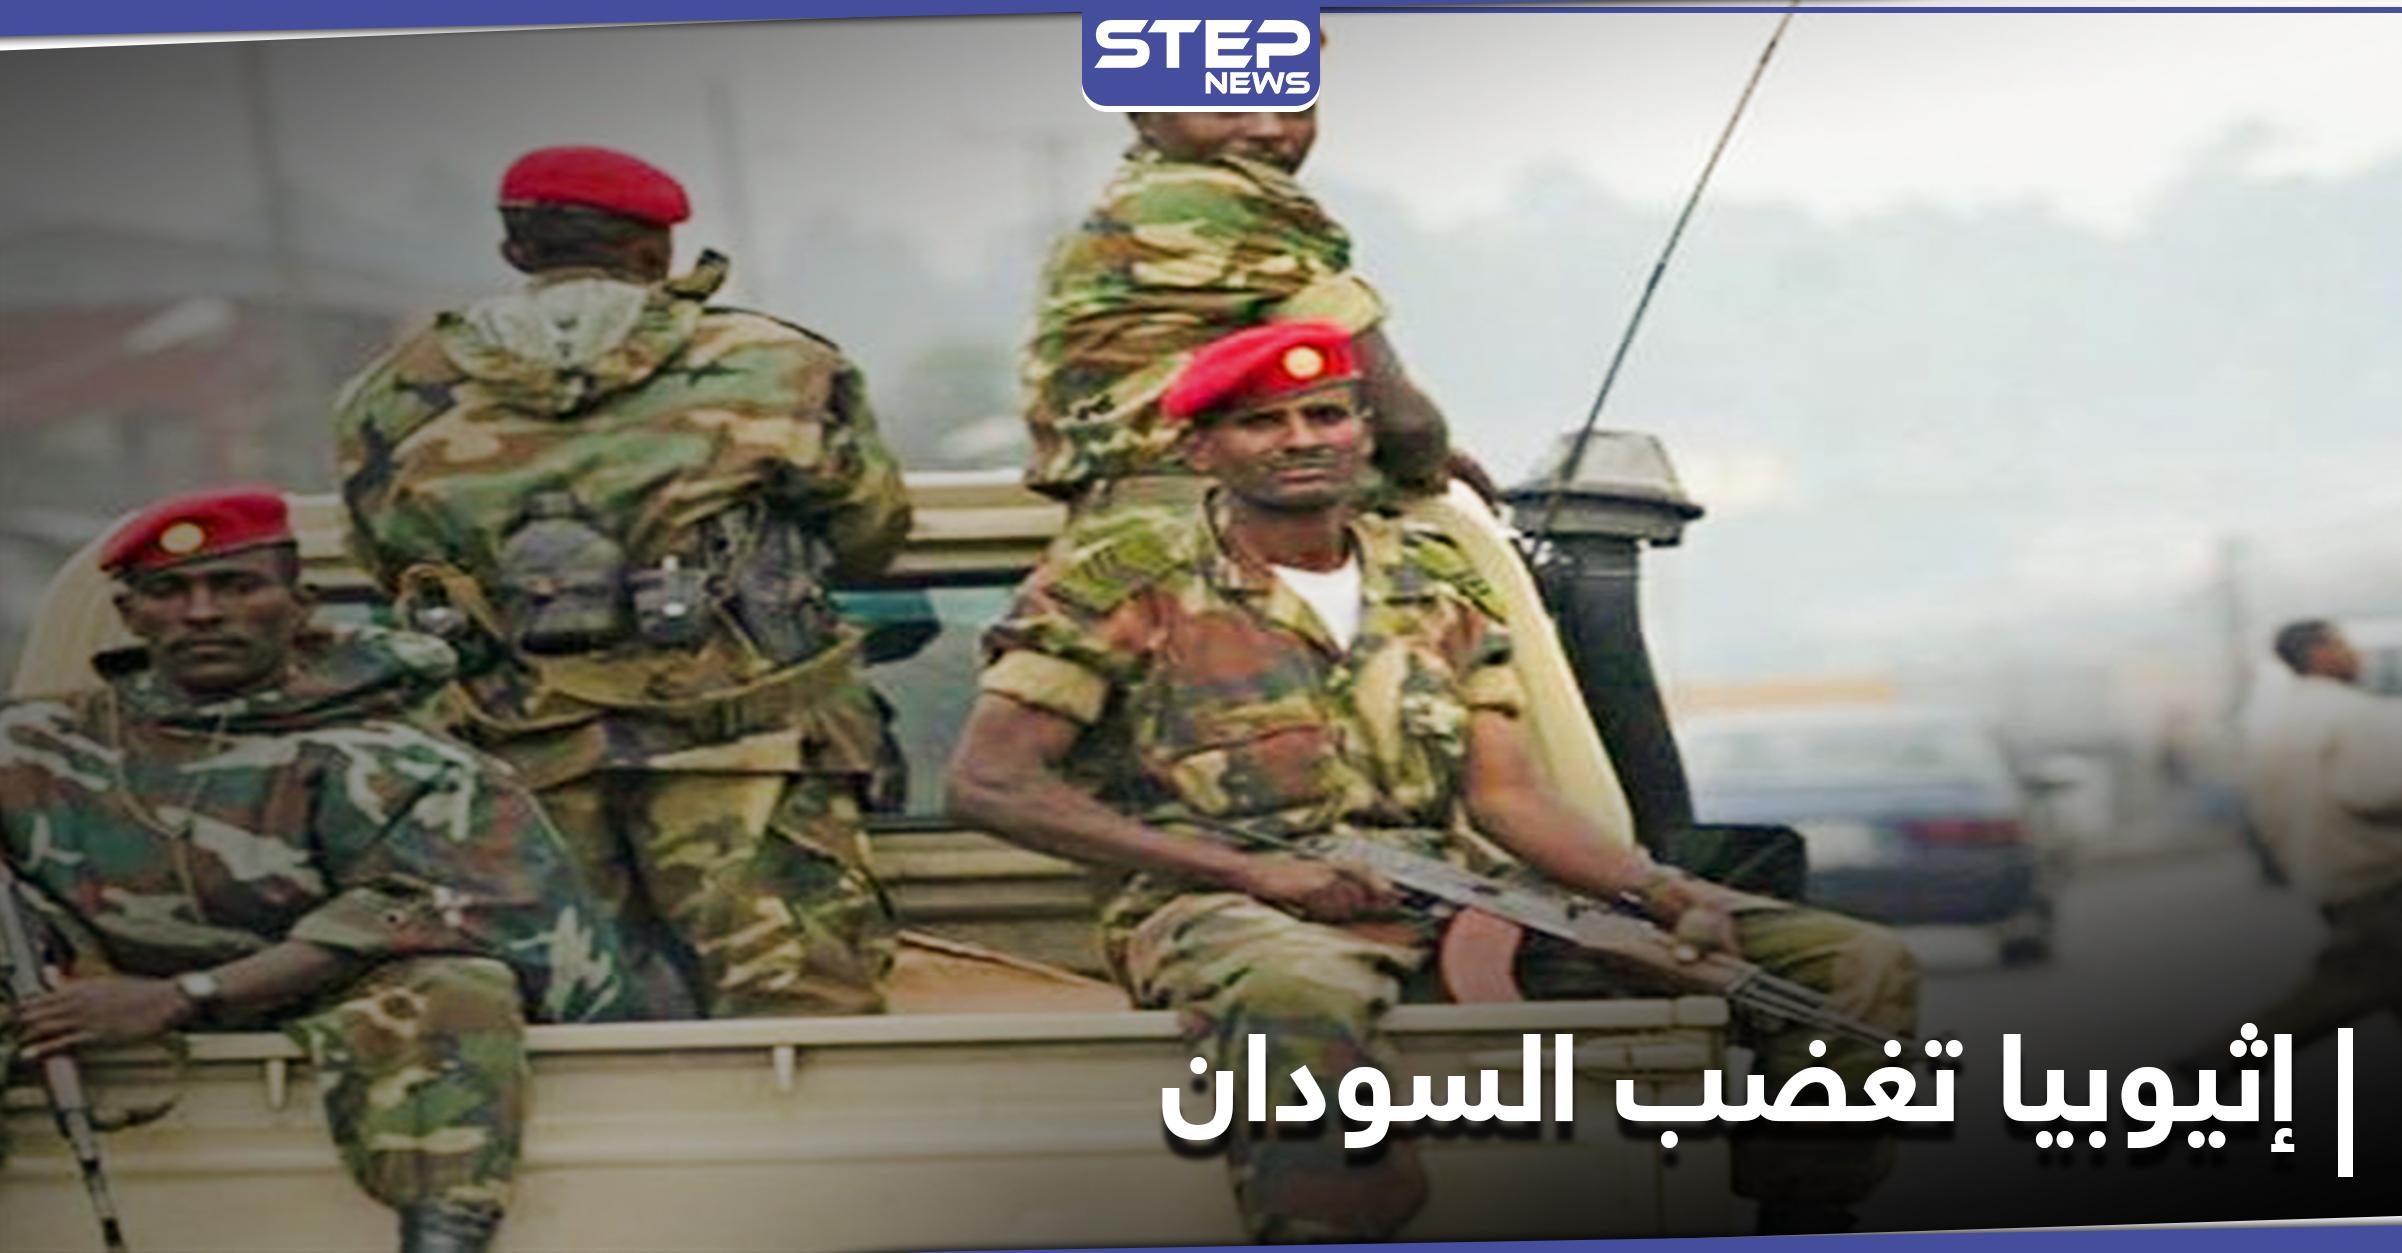 بعد الفشقة وسد النهضة.. خطوة إثيوبية تجاه السودان تأجج نار الخلاف